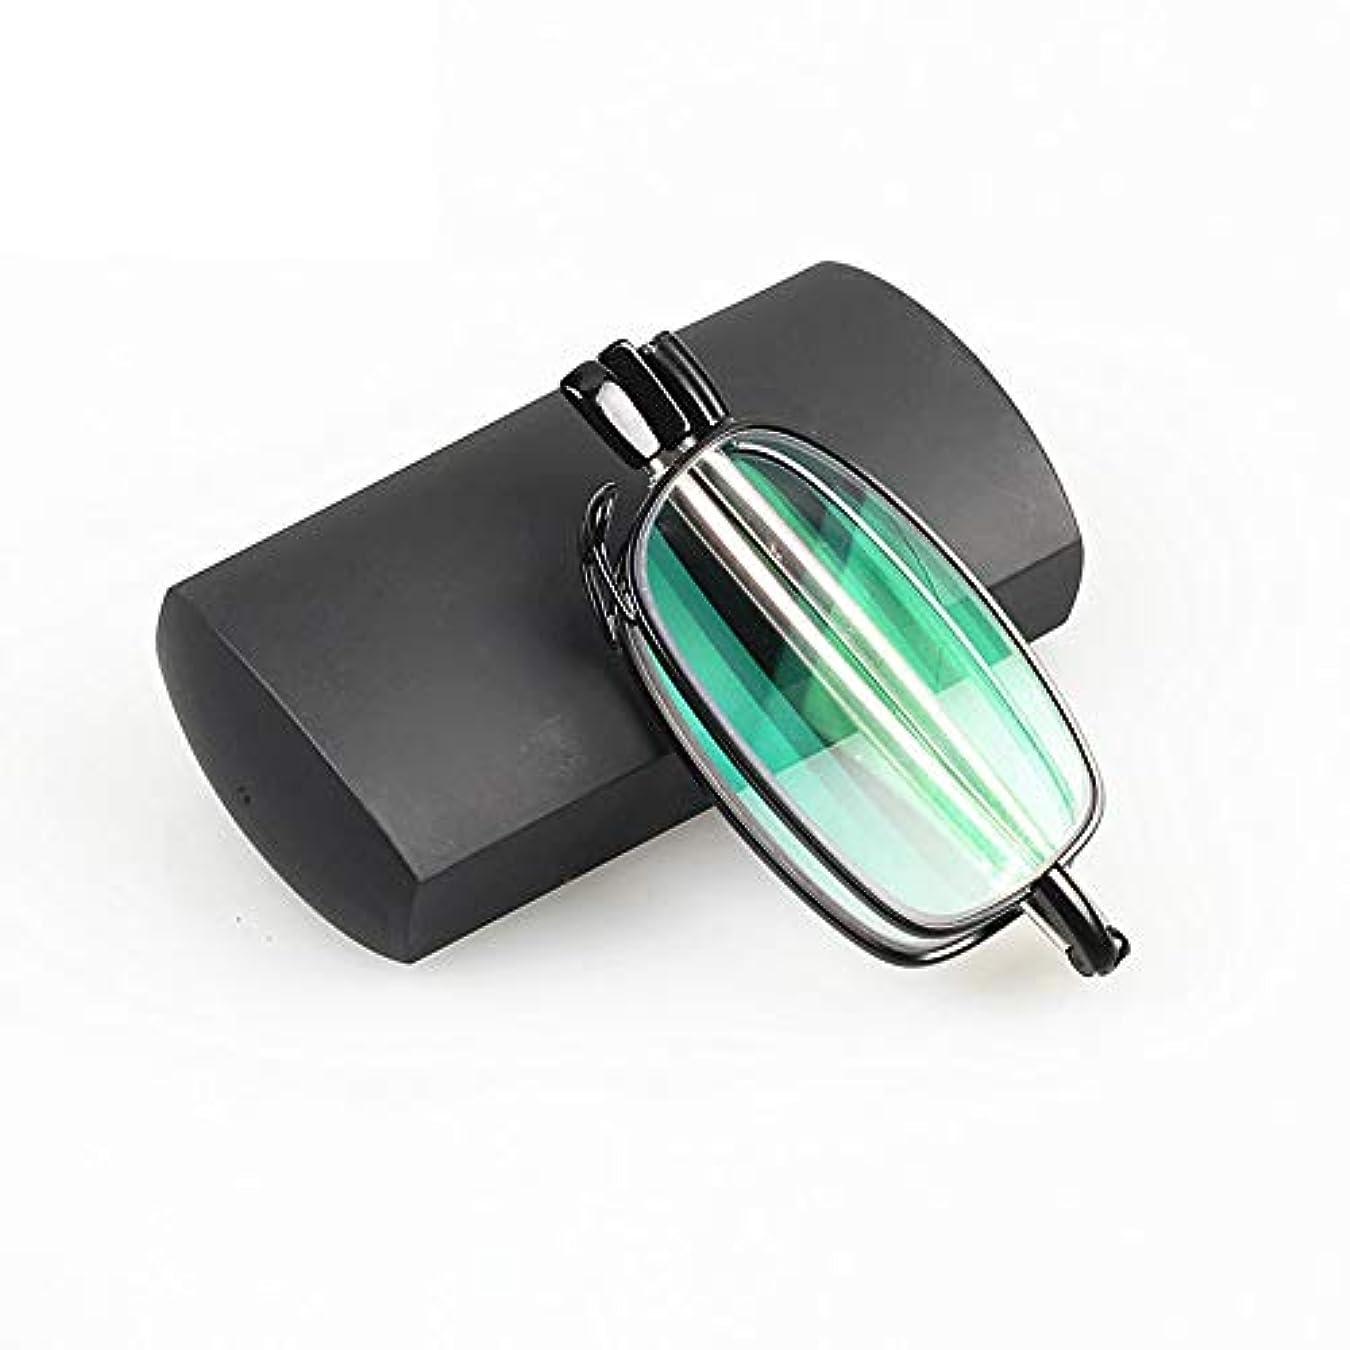 リテラシーリブペイント耐放射線老眼鏡、インテリジェント変色折りたたみ式と抗青抗疲労ミニ老眼鏡、男性と女性のための超軽量ポータブルポケット老眼鏡